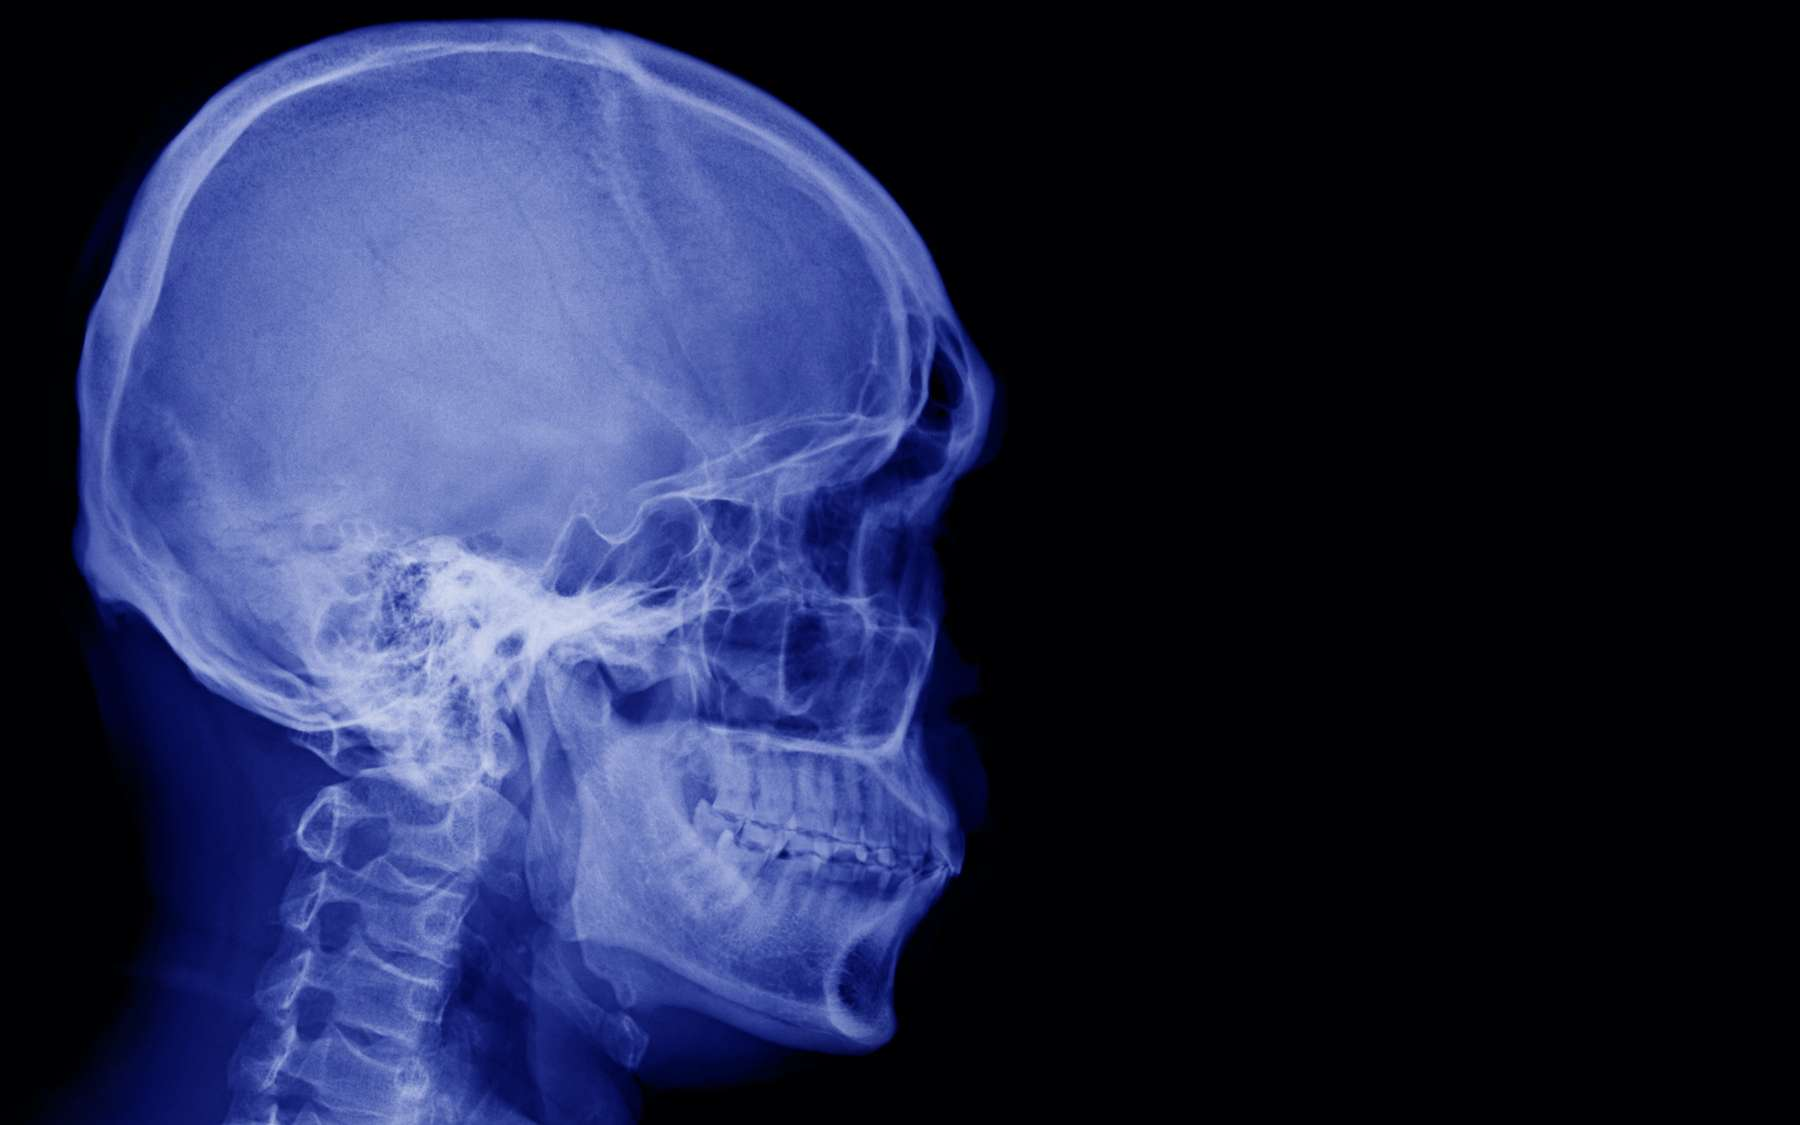 Il survit après s'être empalé la tête sur un tube métallique. © Choo, Adobe Stock